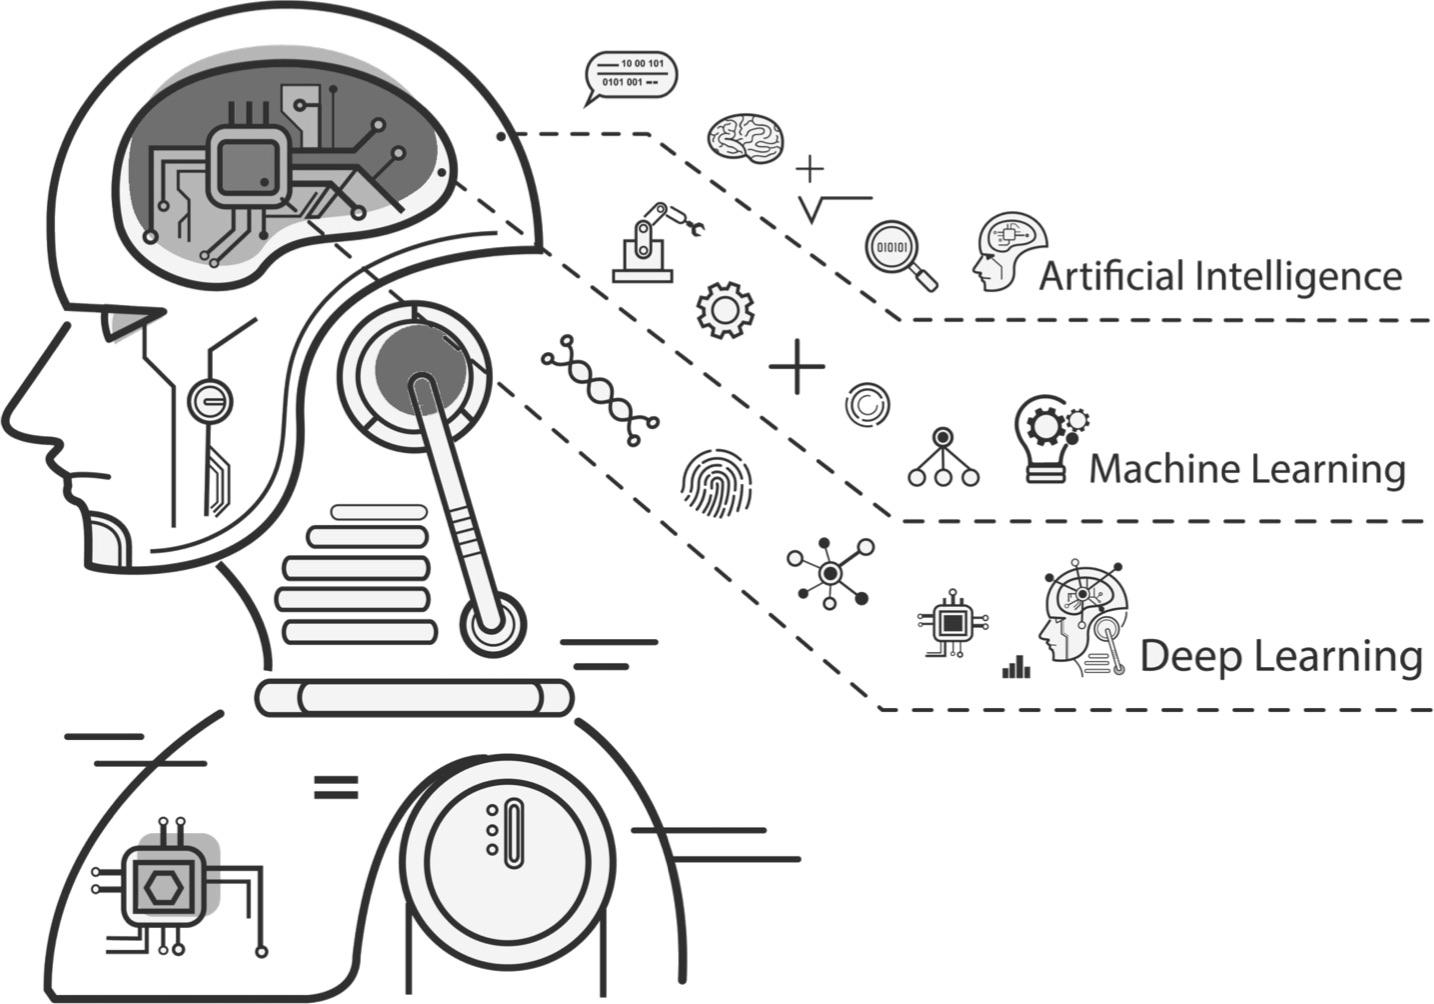 artificial-machine-deep